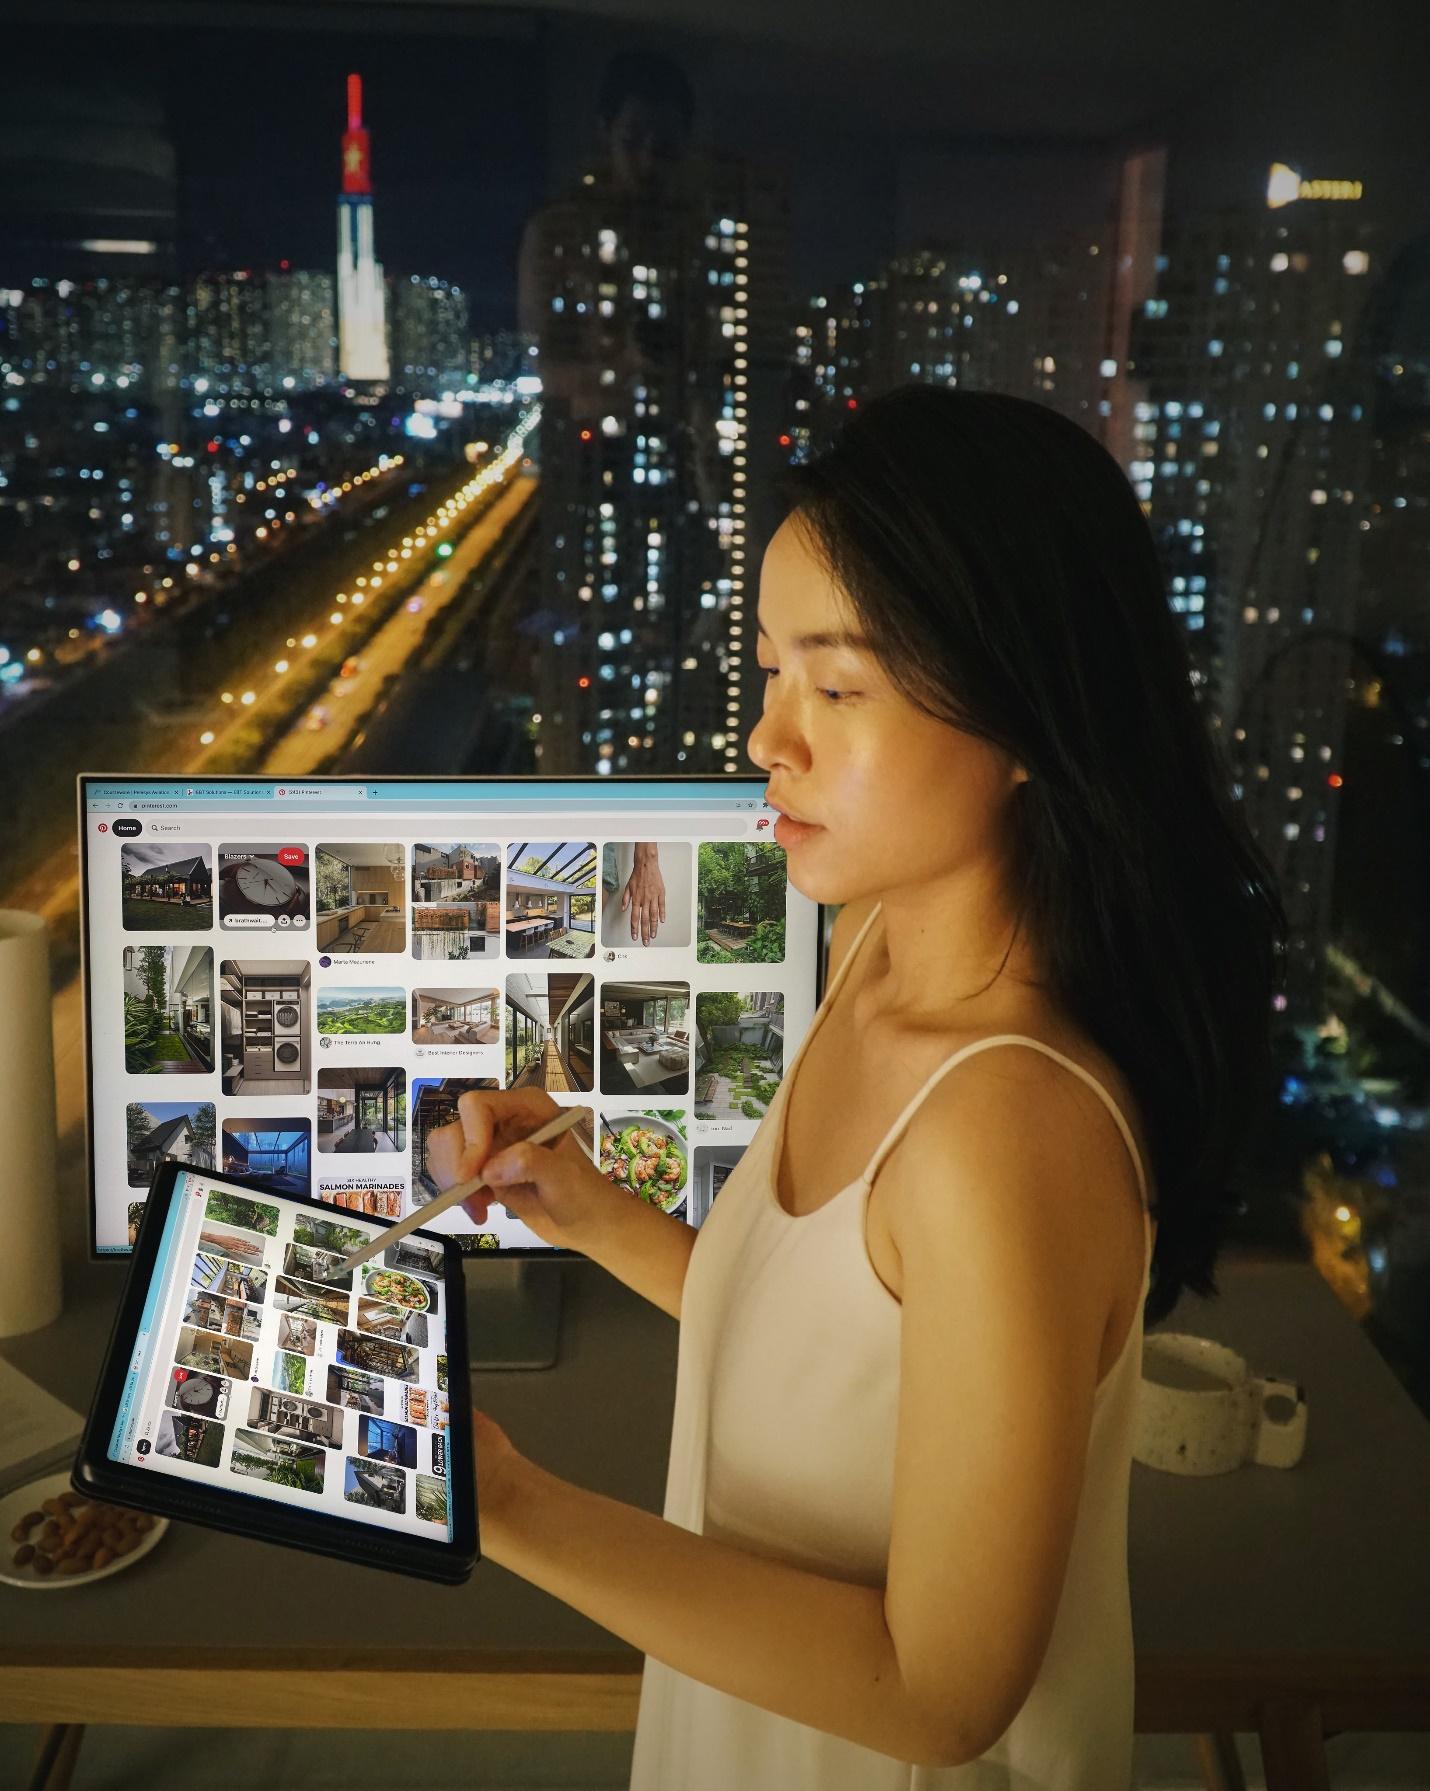 Blogger Hà Trúc bị chinh phục bởi bộ đôi máy tính bảng MatePad 11 và màn hình cao cấp Mateview của Huawei.